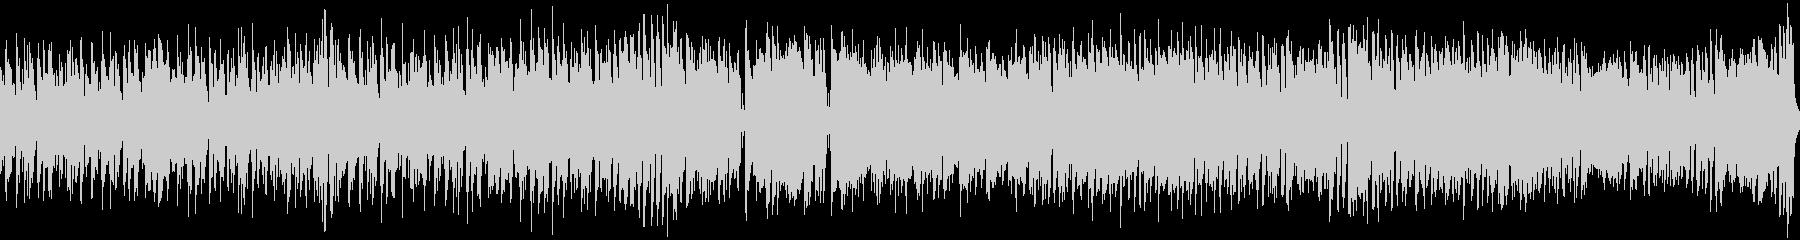 陽気なトロピカルBGM(ループ)の未再生の波形